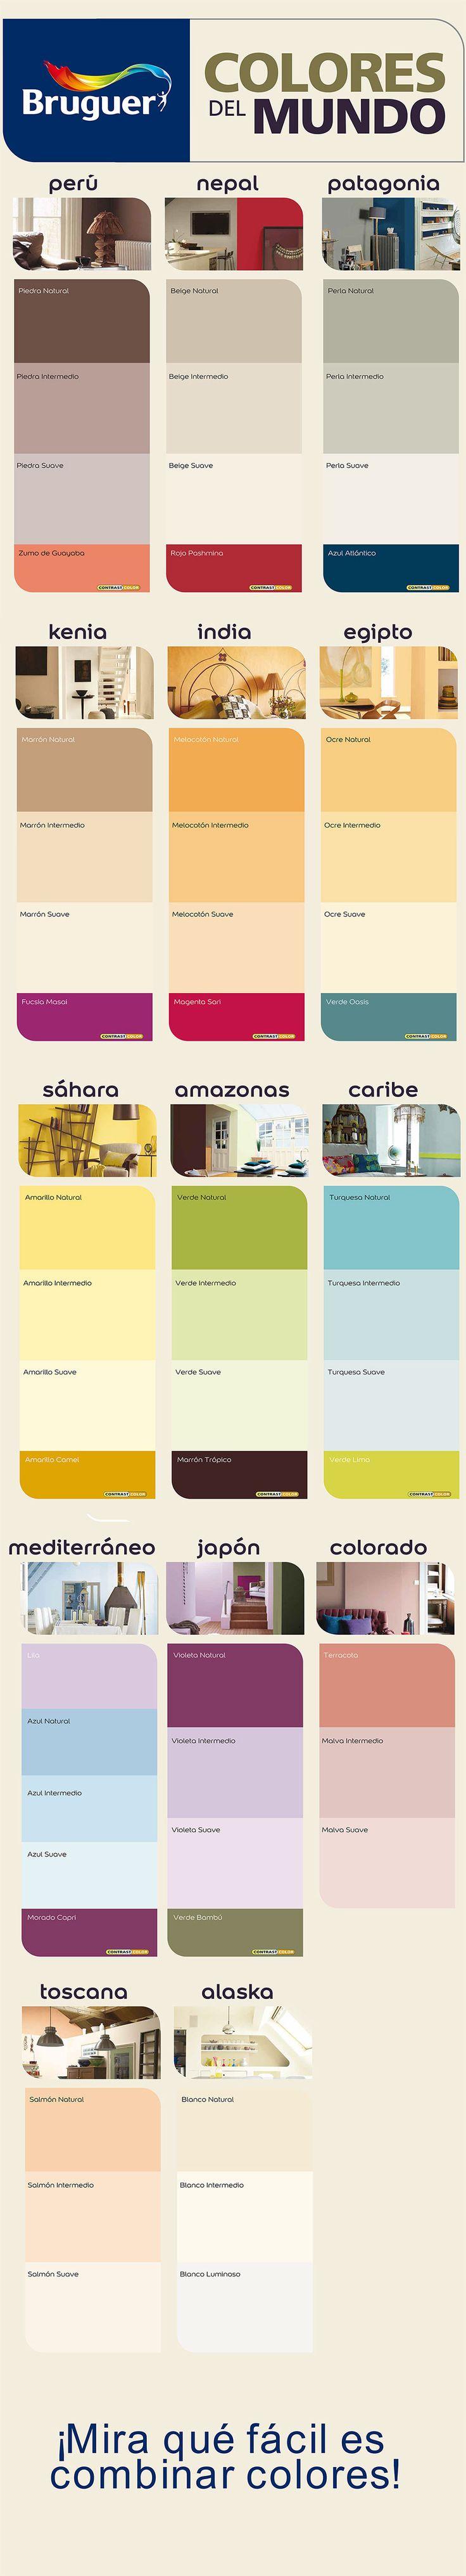 M s de 1000 ideas sobre paredes del sal n en pinterest - Colores del mundo de bruguer ...